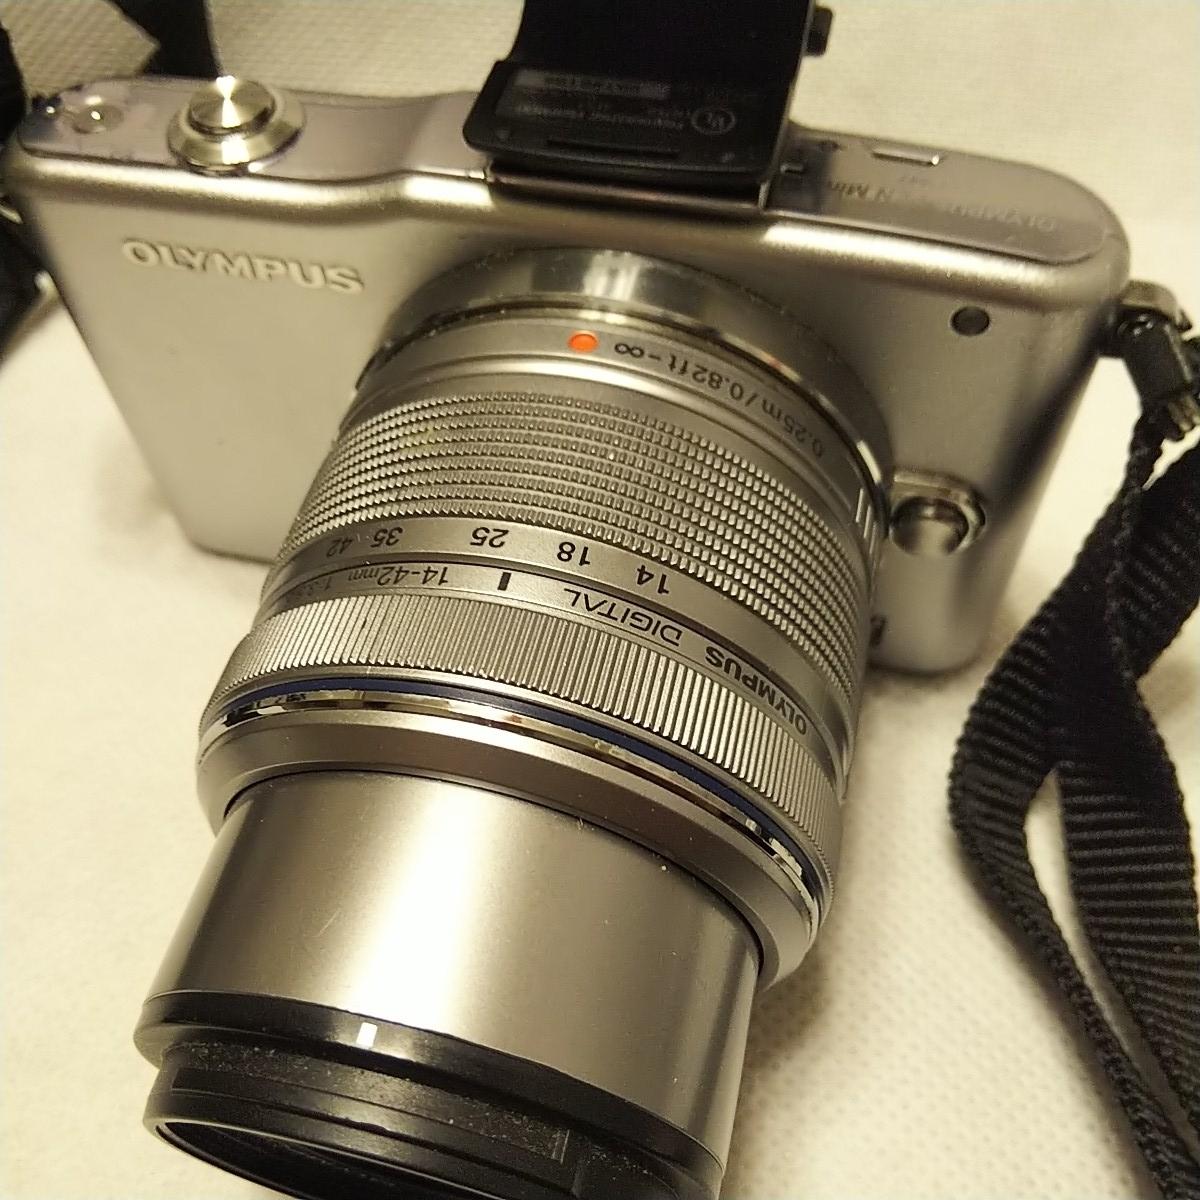 オリンパス E-PM1 デジタル一眼 レンズ フラッシュ付き FL-LM1 M.ZUIKO 14-42mm 1:3.5-5.6 π37mm ズームレンズキット YOKO-63 完動品 美品_画像4